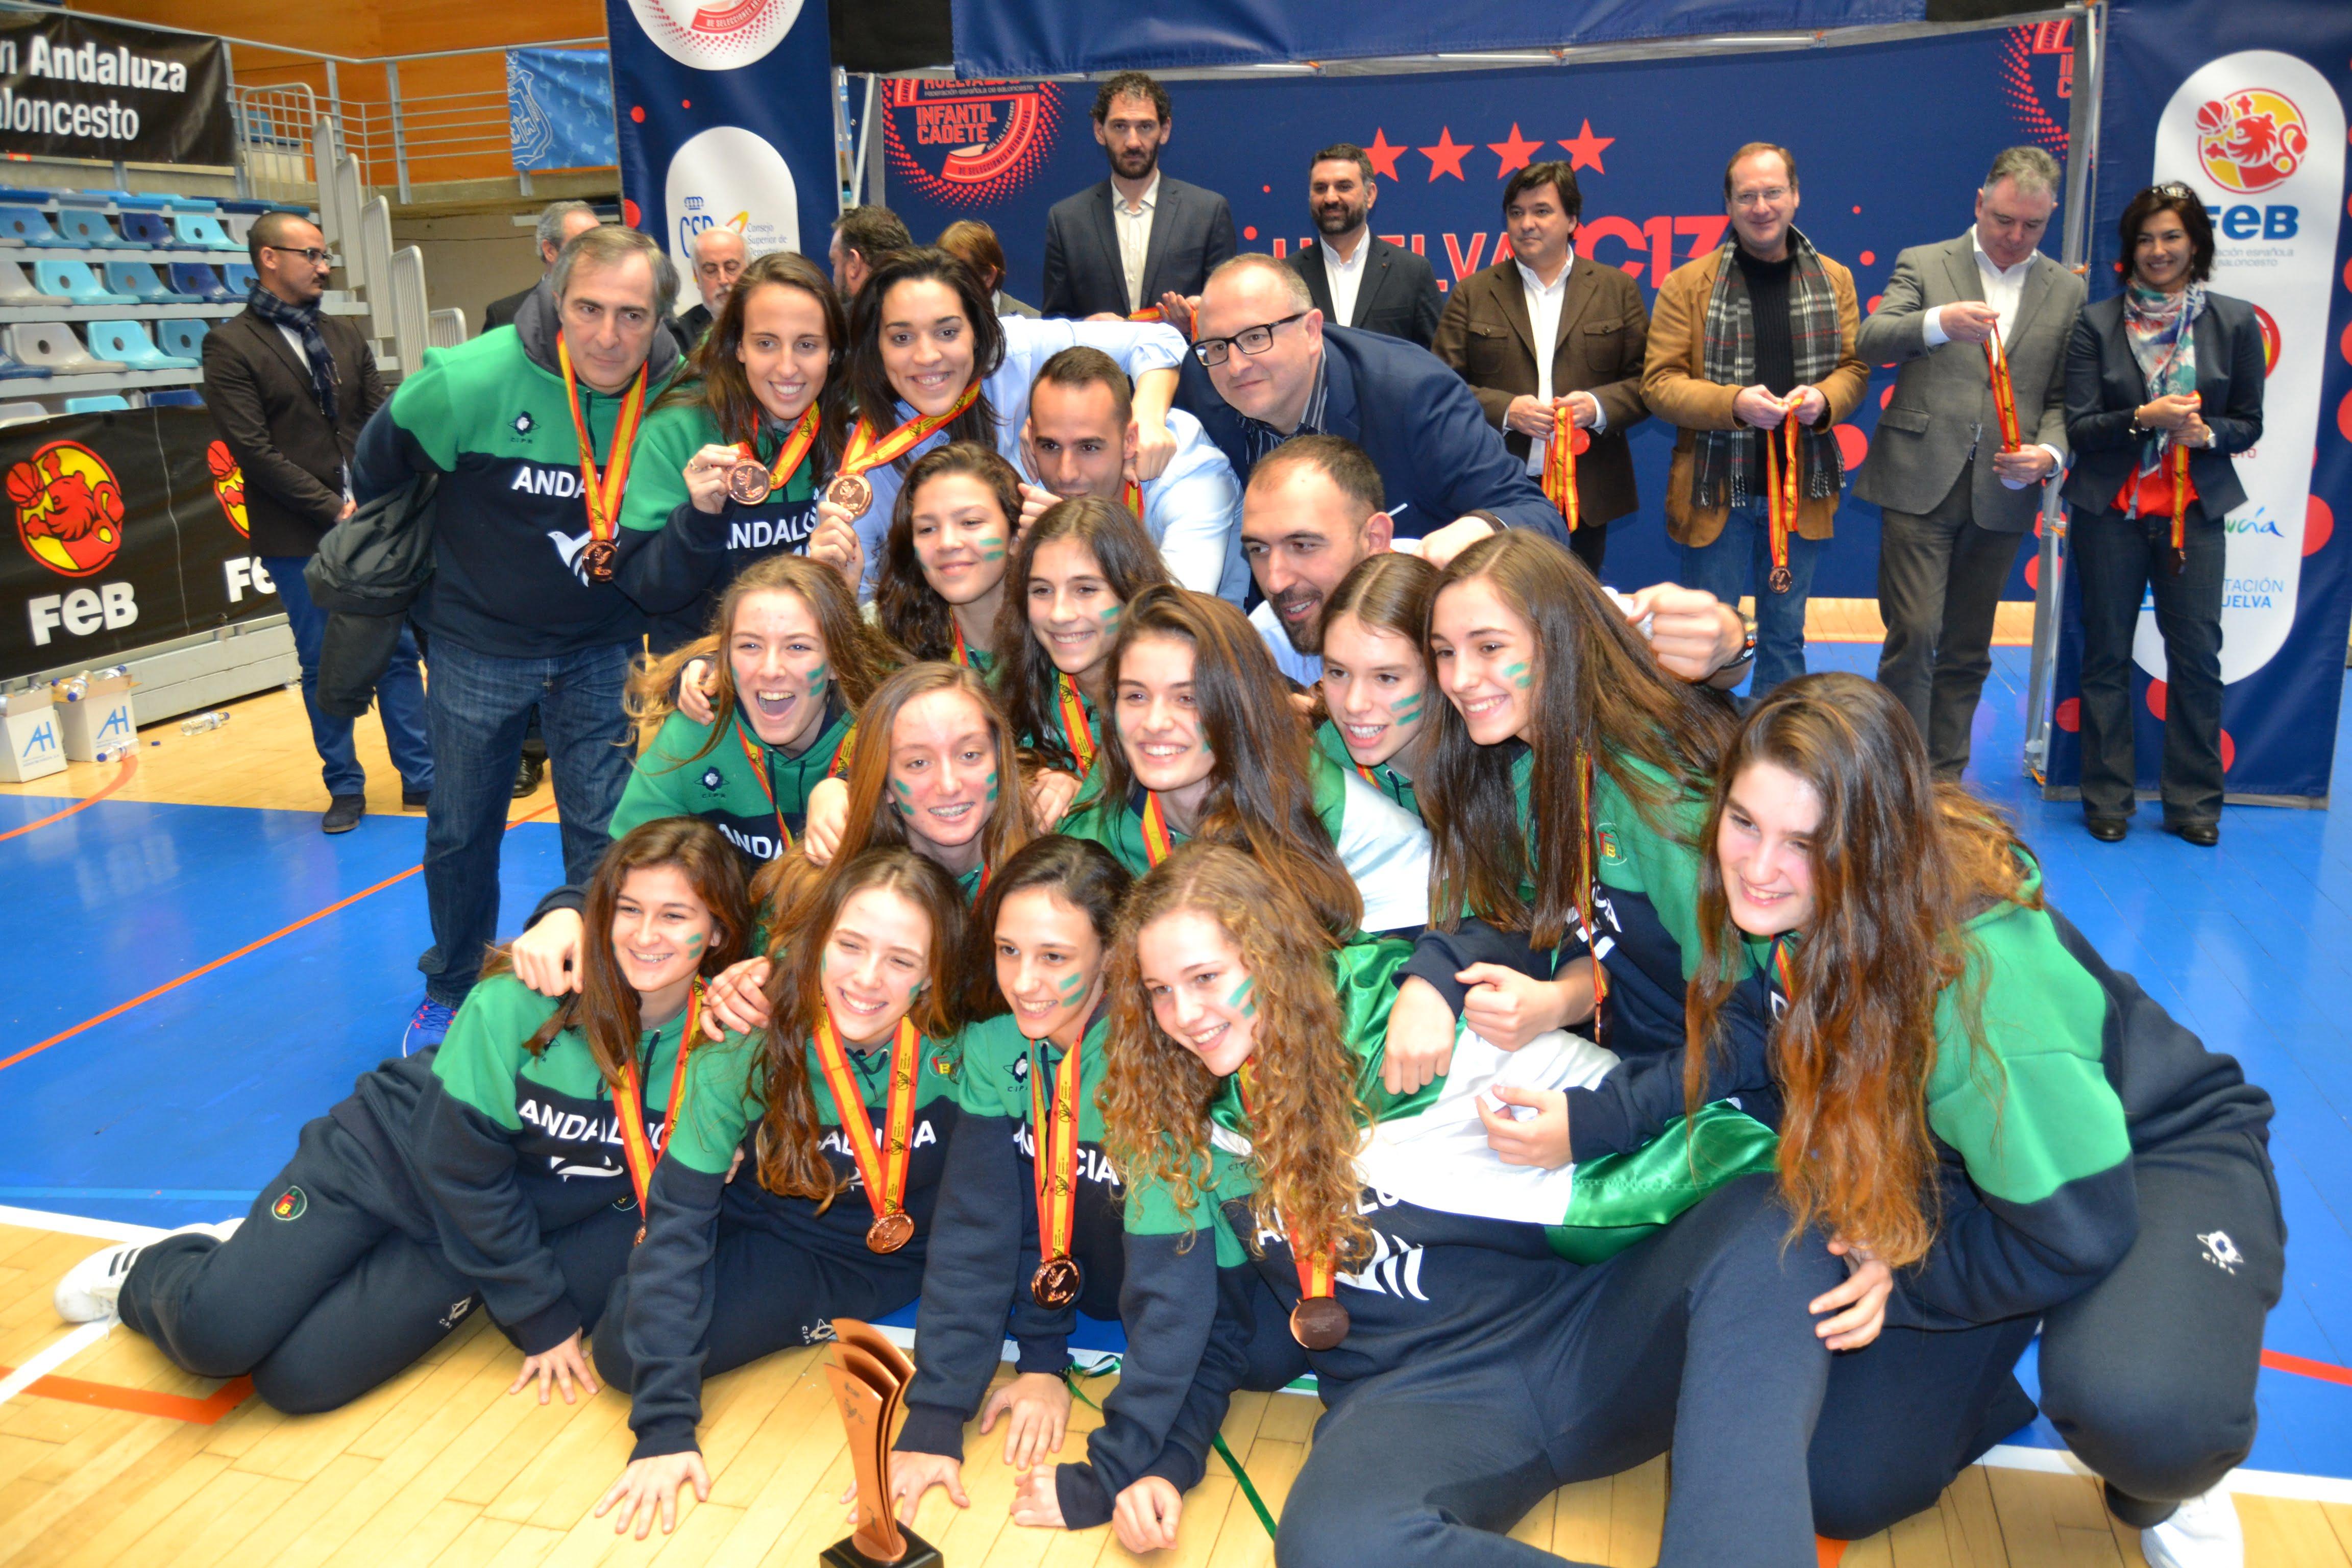 La selección de Andalucía cadete femenina logró el bronce.